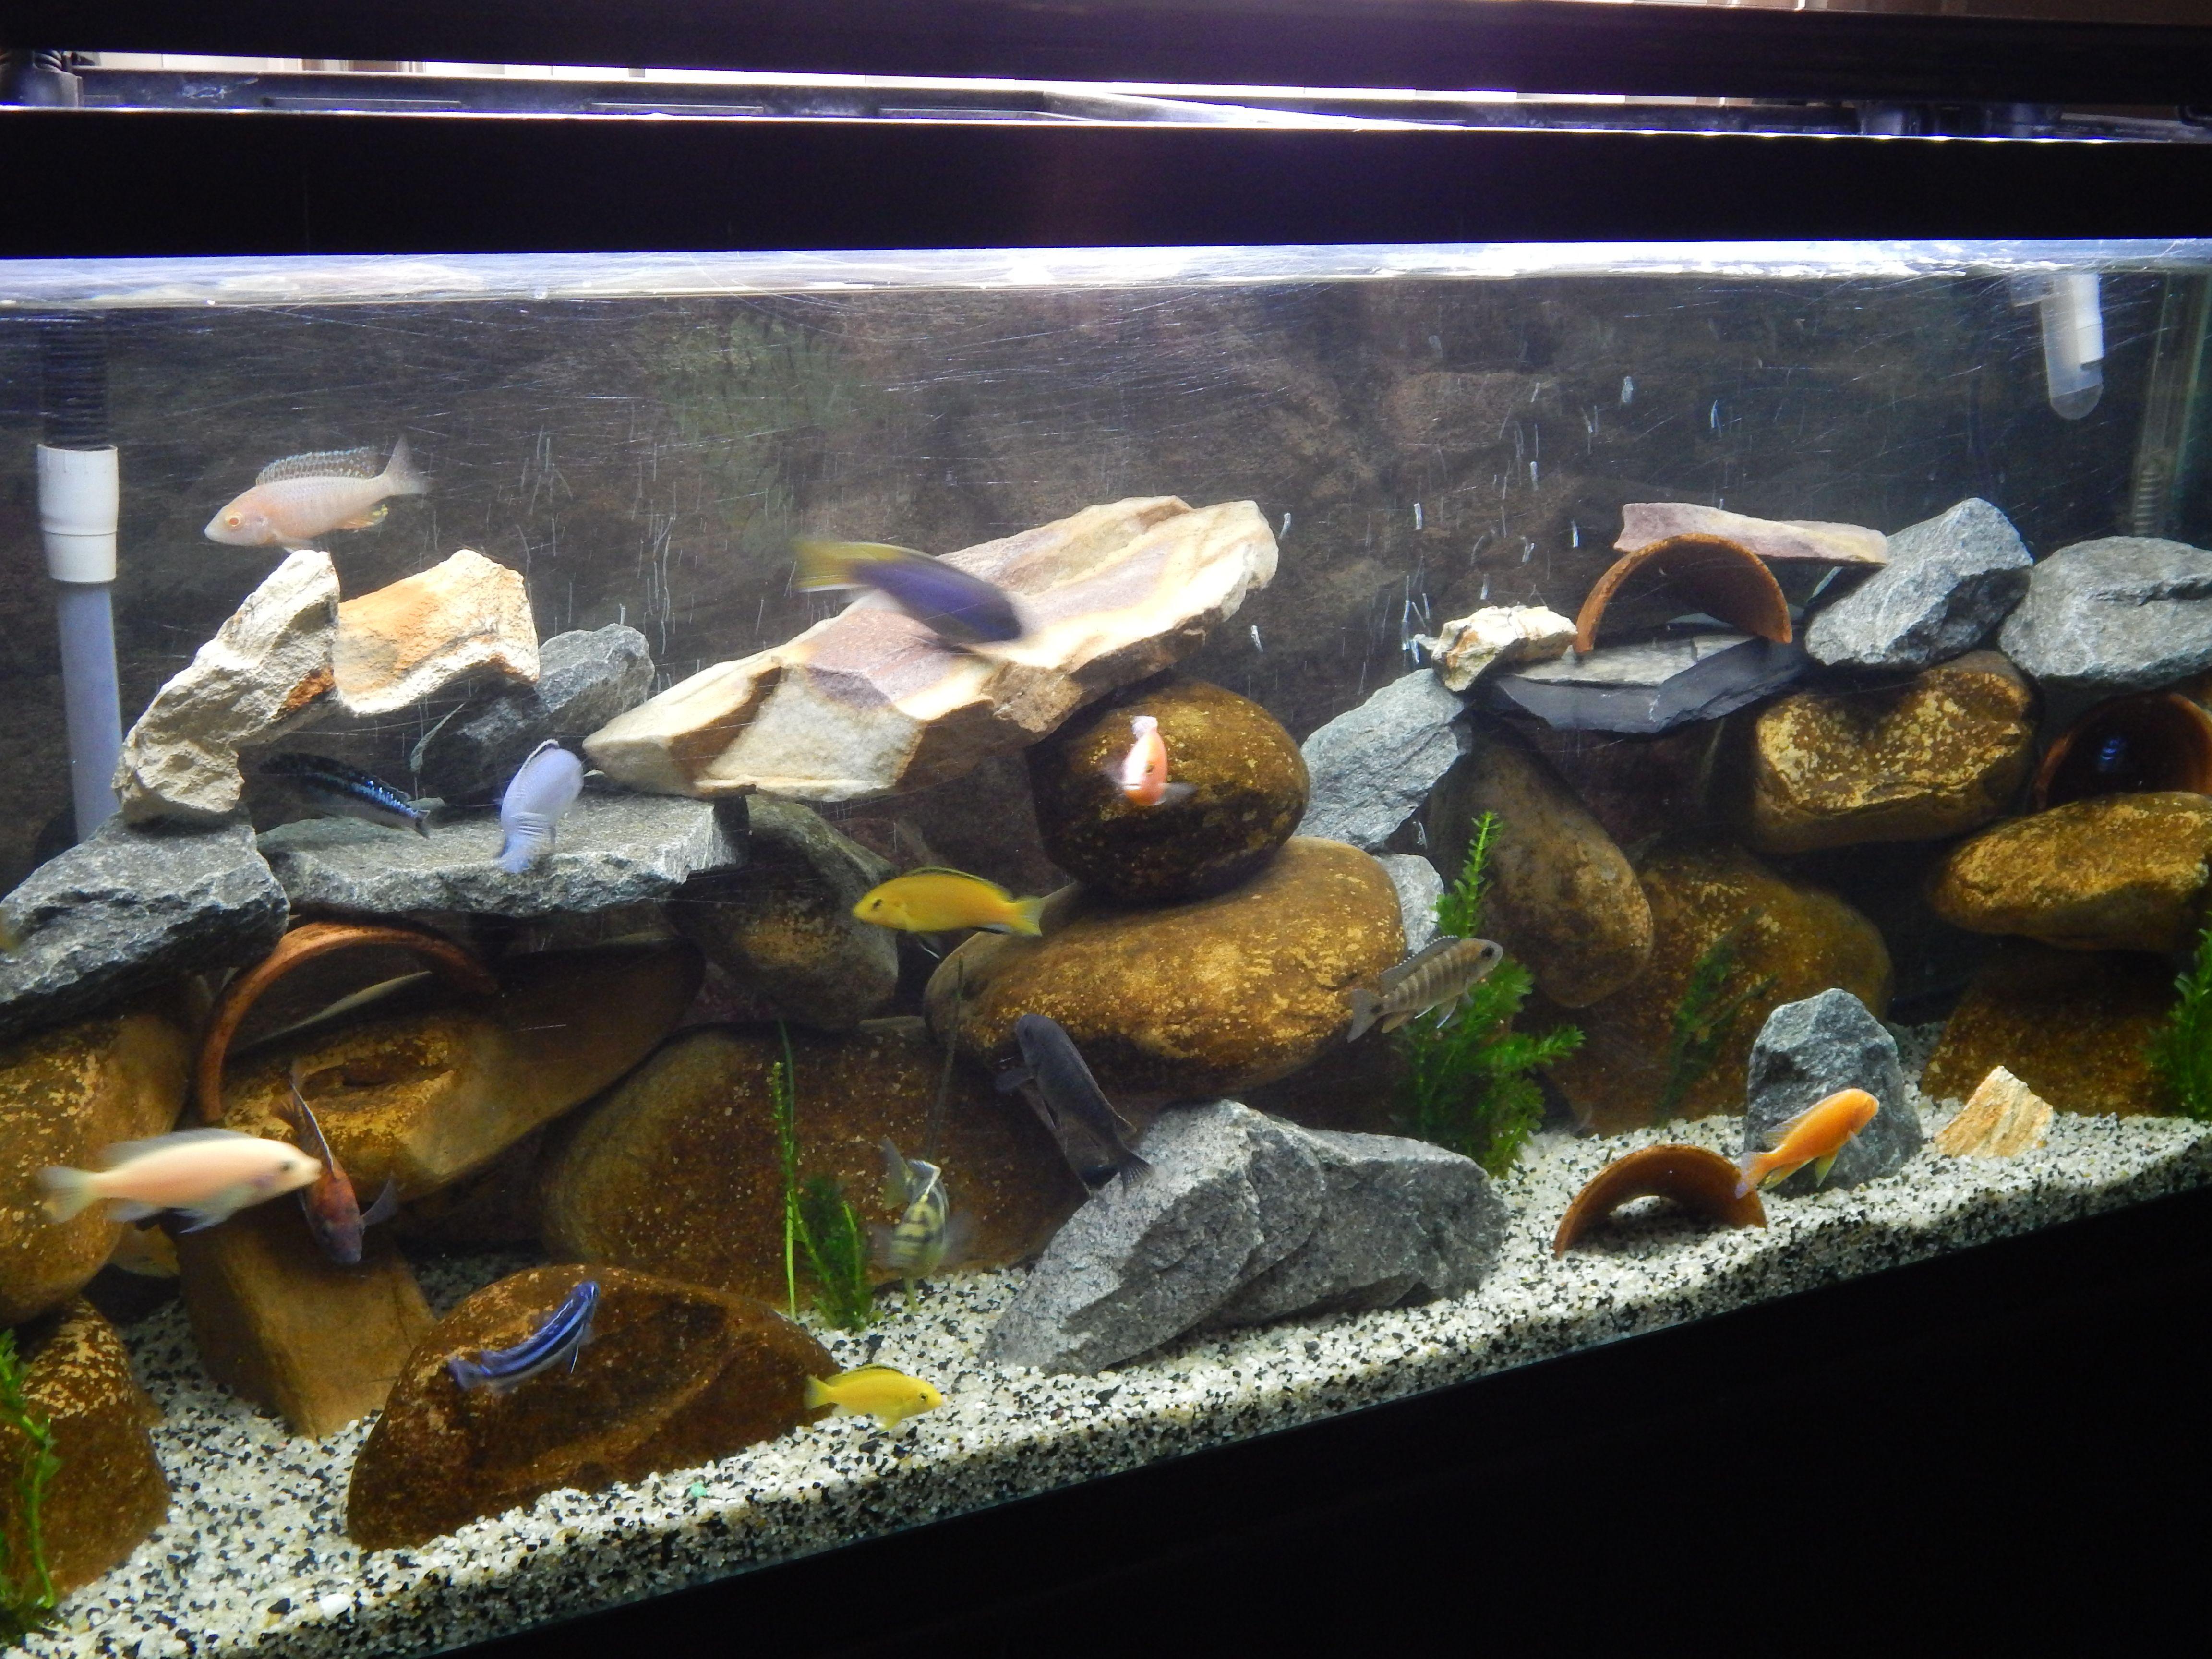 091a132e7149e7e48d6fd17f63353325 Frais De Jbl Aquarium Conception